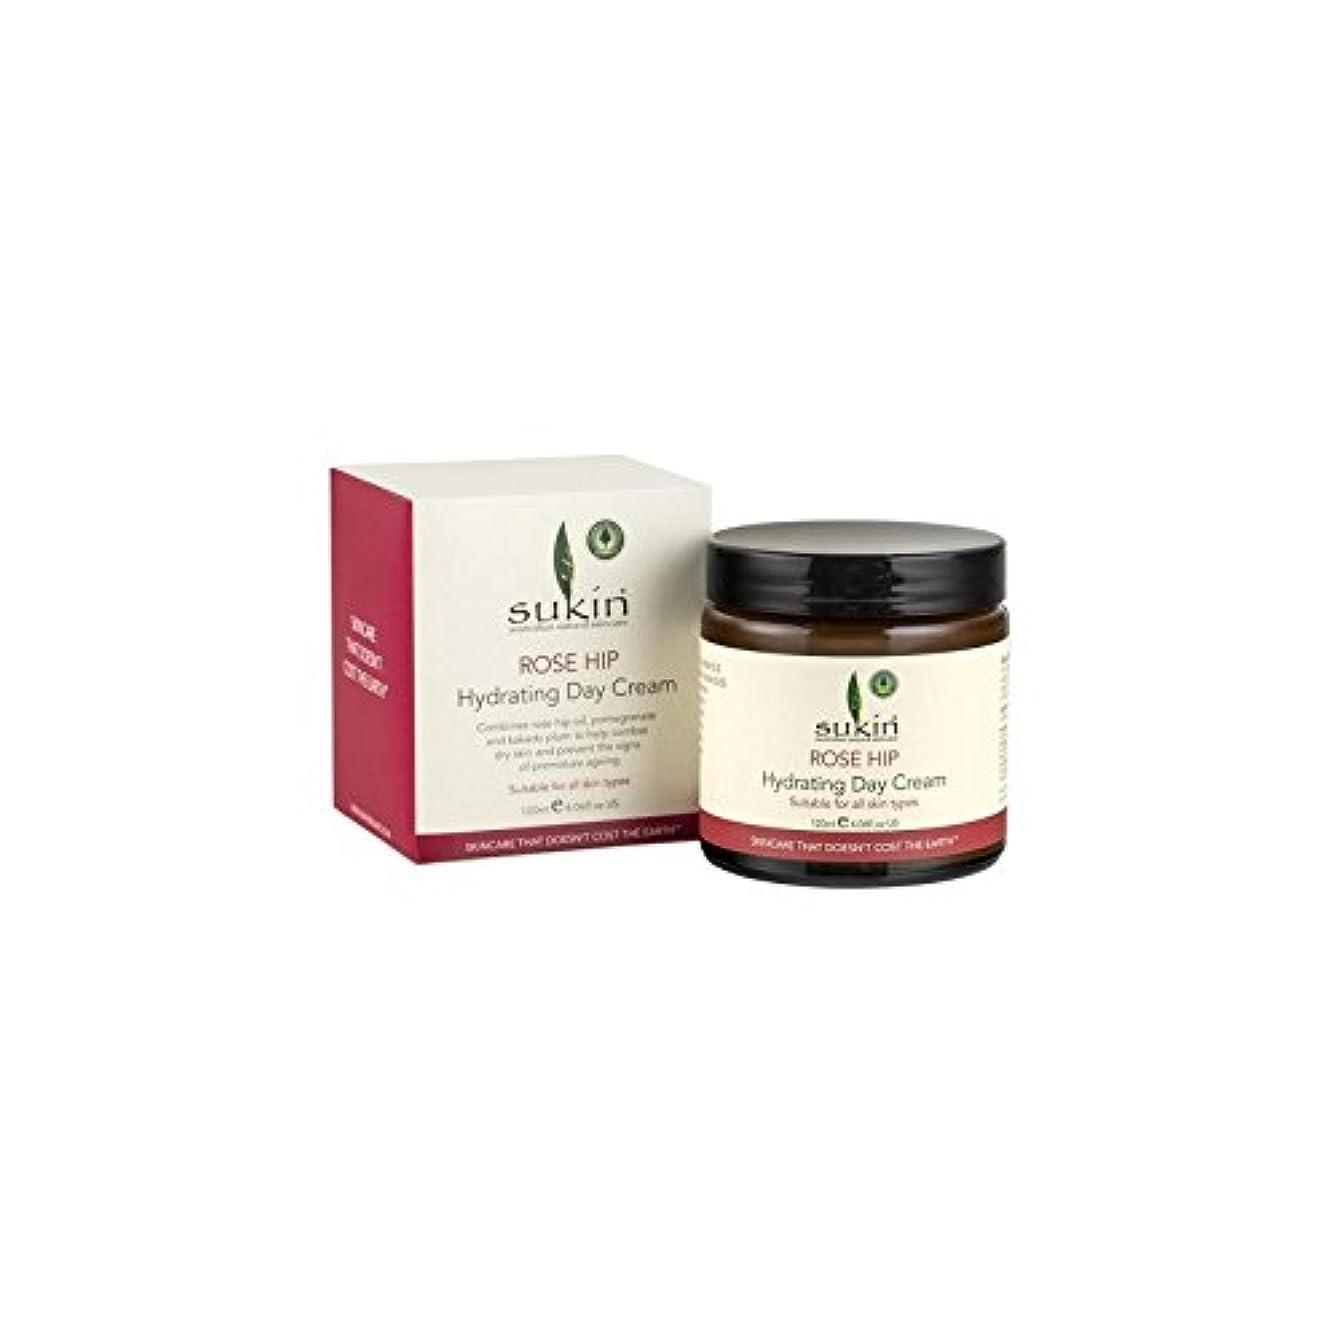 うねる標準ソフィーヒップ水和デイクリーム(120ミリリットル)をバラ x2 - Rose Hip Hydrating Day Cream (120ml) (Pack of 2) [並行輸入品]